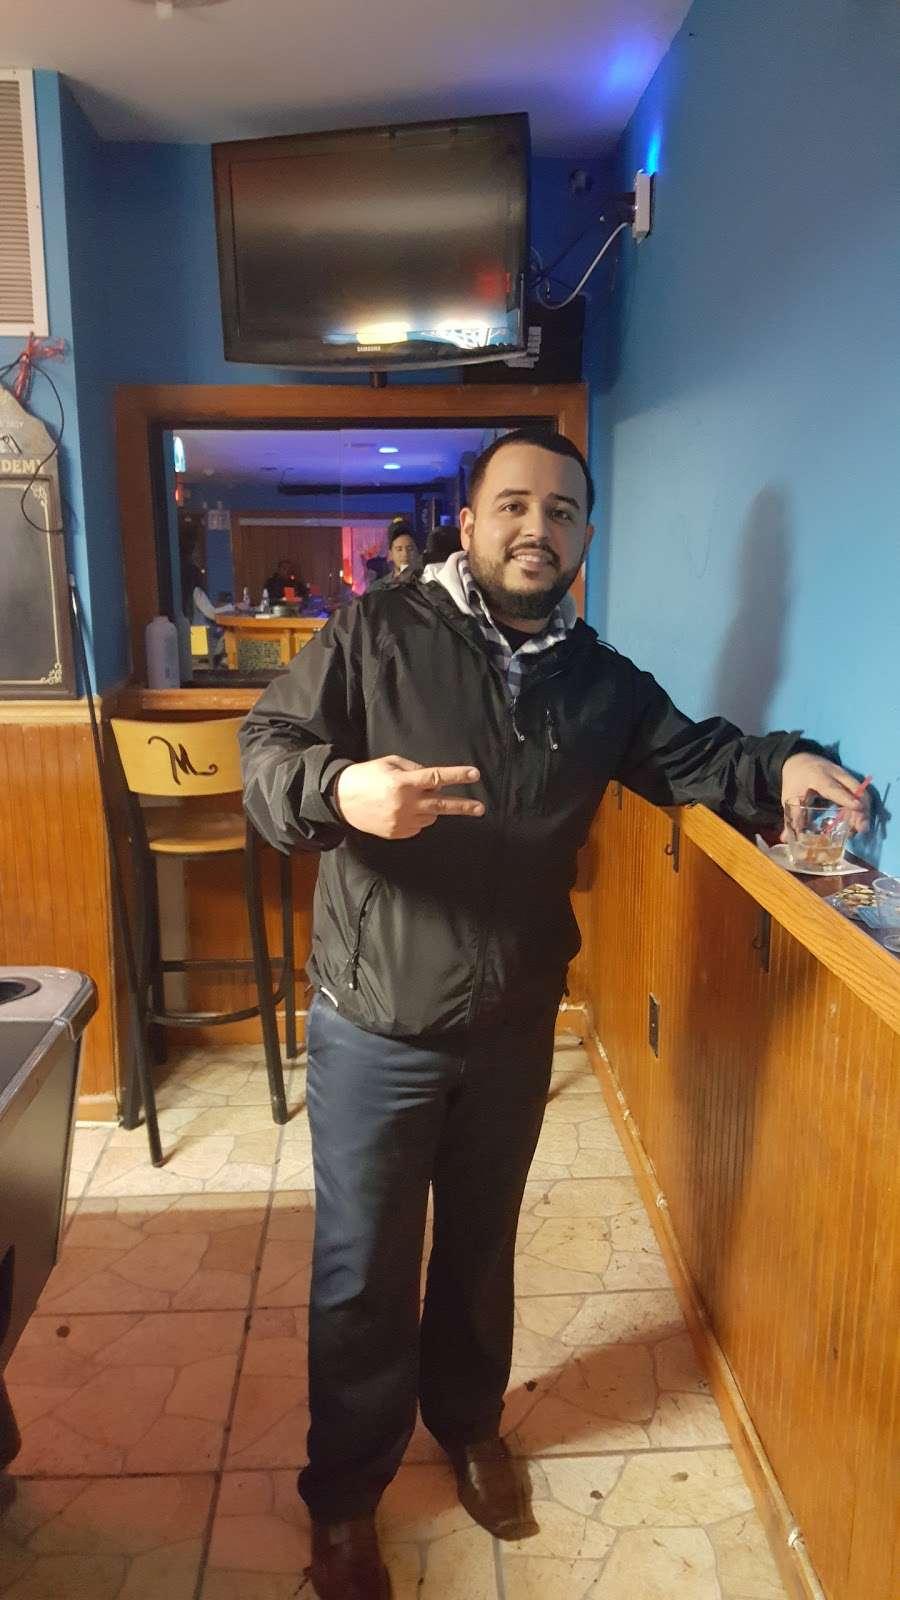 Panini Caffe - cafe    Photo 3 of 7   Address: 535 3rd Ave, Elizabeth, NJ 07202, USA   Phone: (908) 469-4345